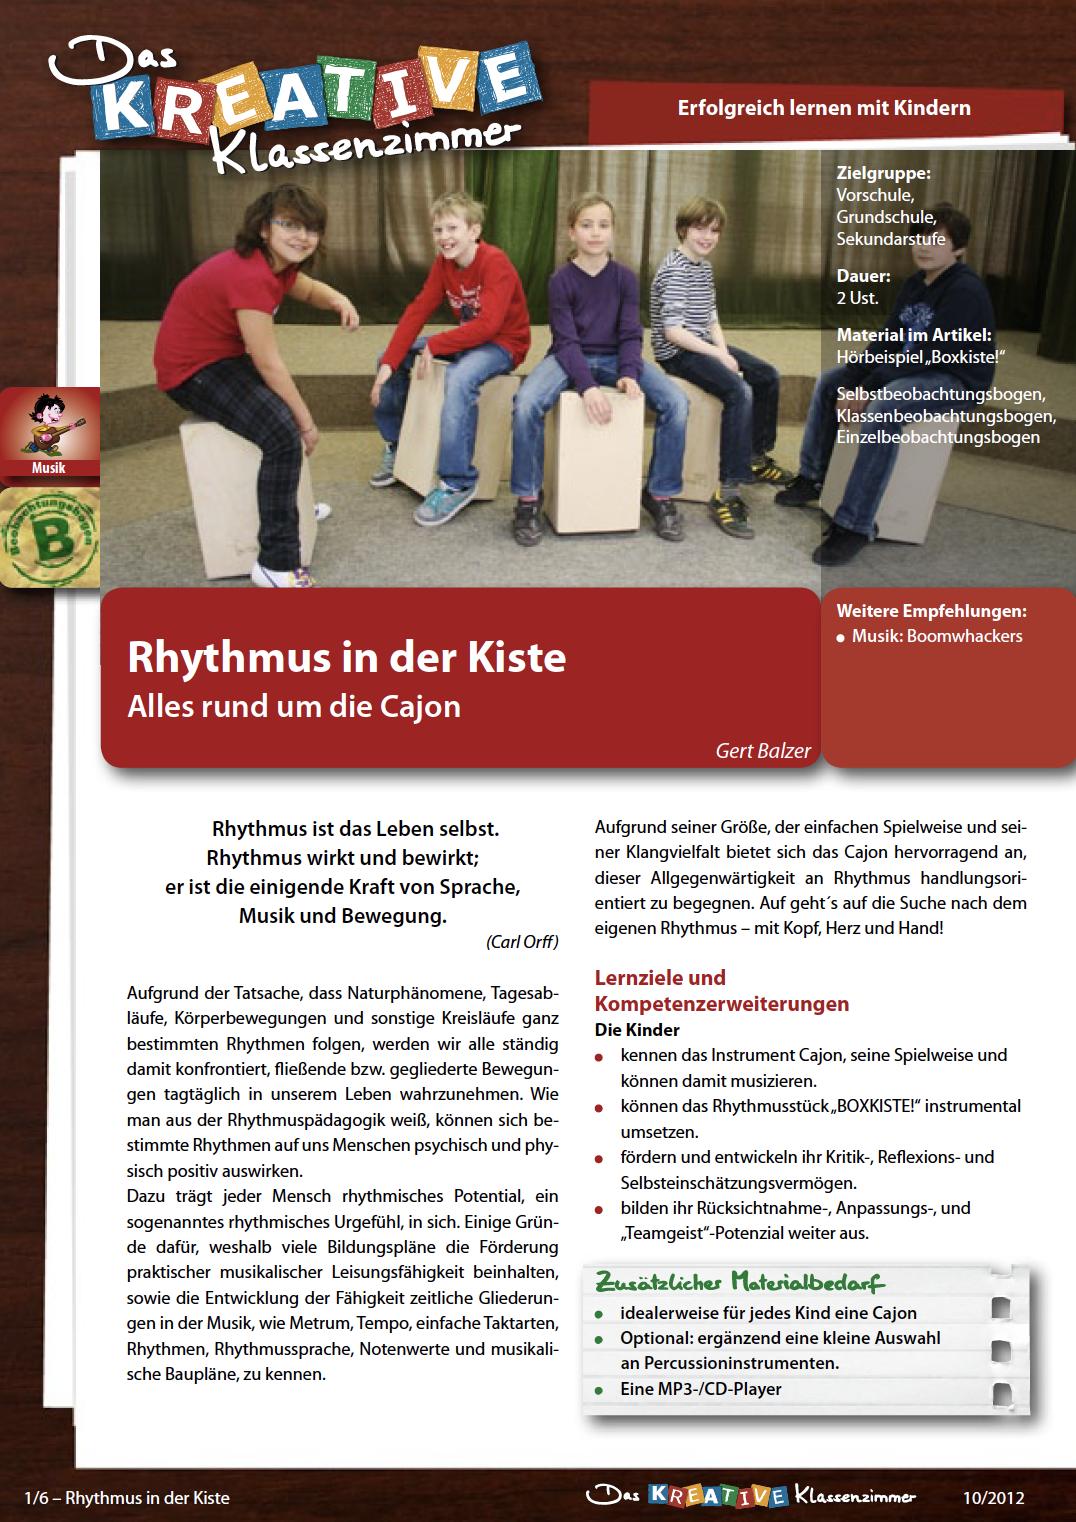 Rhythmus in der Kiste - Alles rund um die Cajon